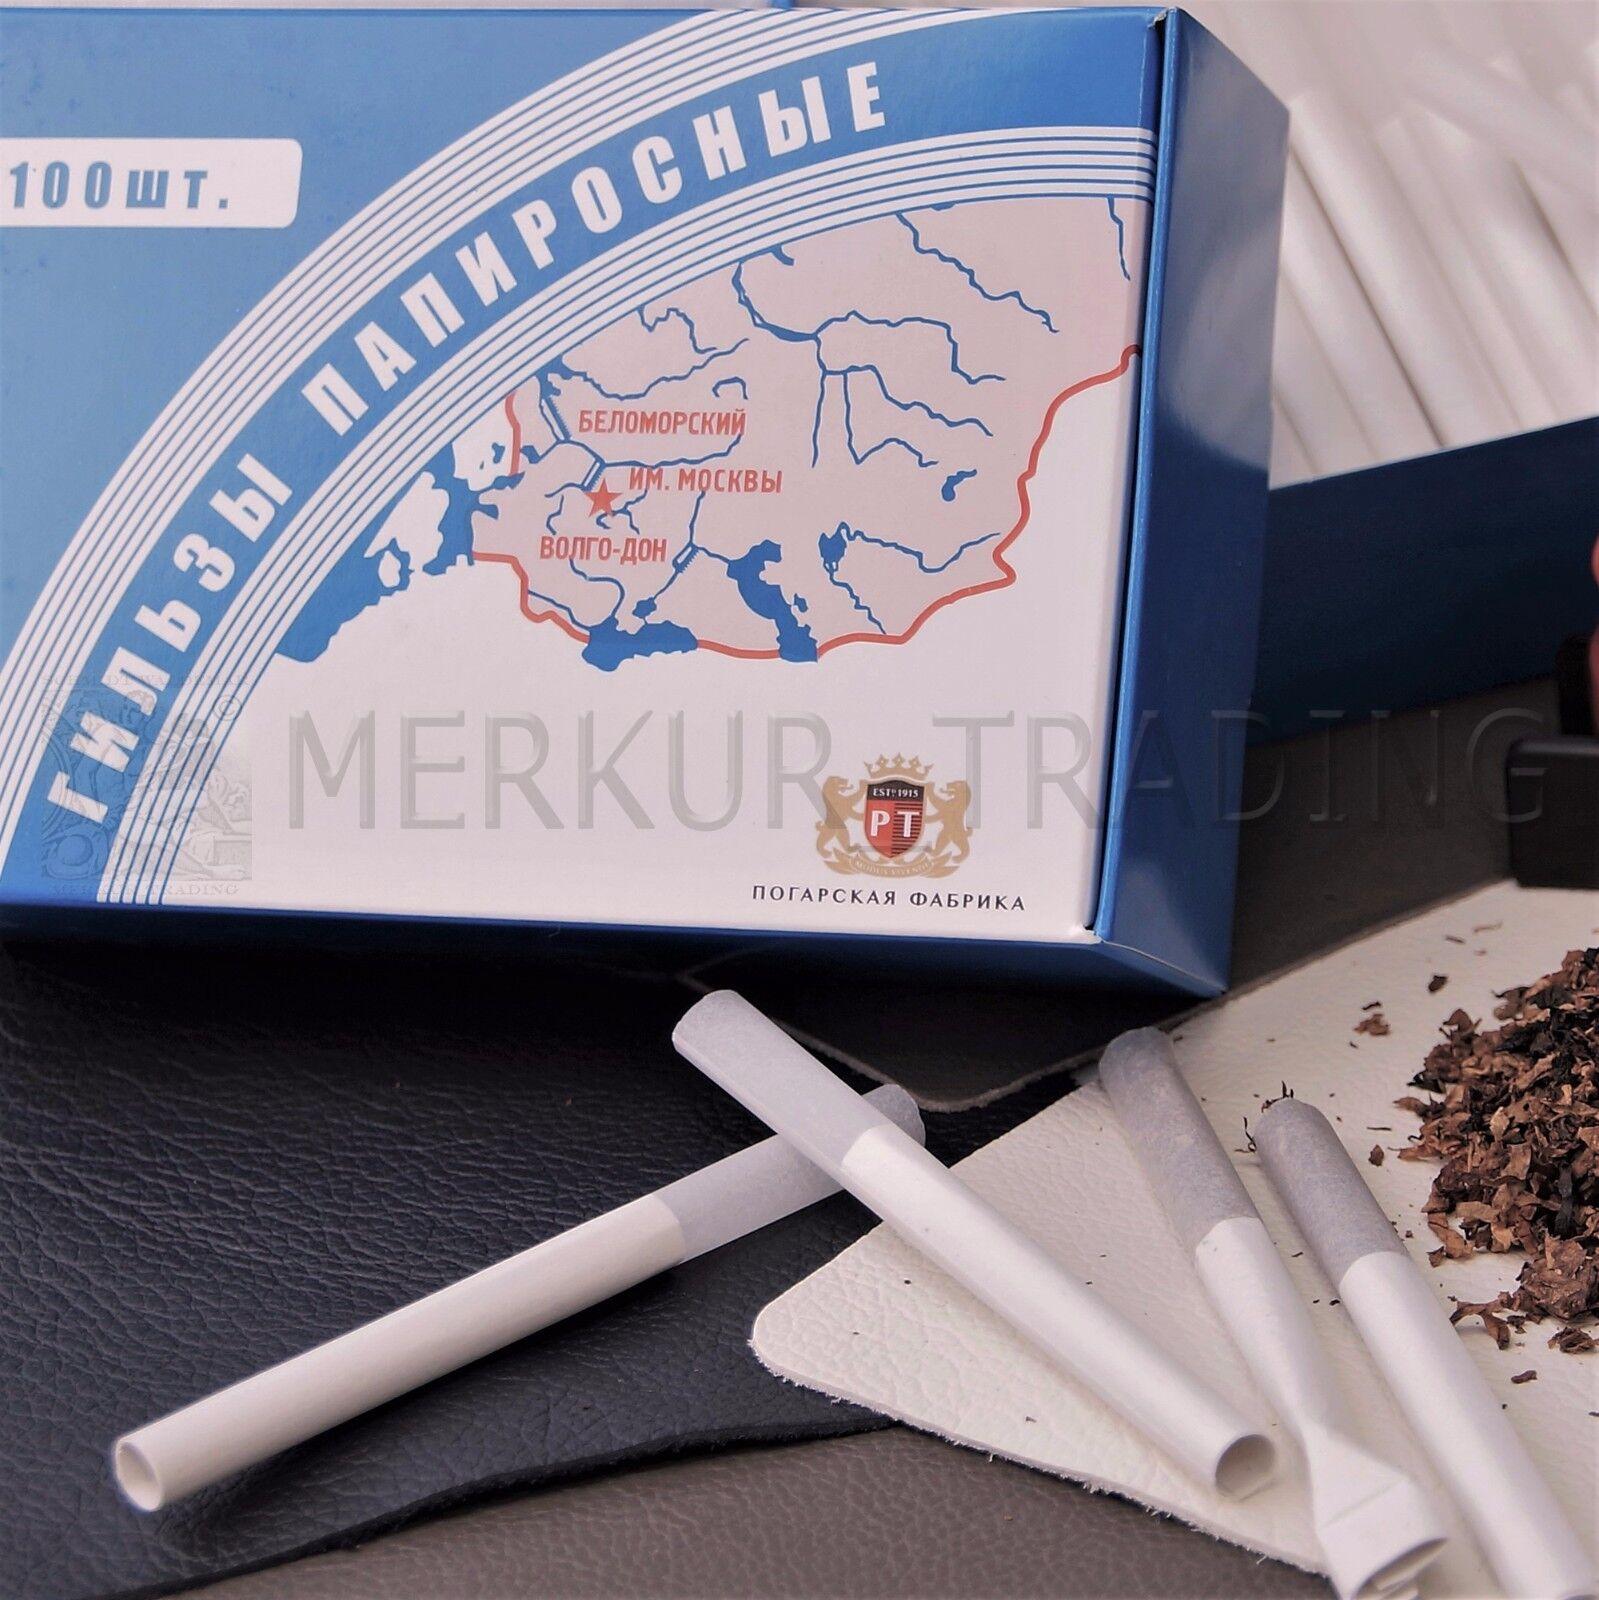 100x Papirossy, Papirossa, Zigarettenhülsen mit Mundstück, Belomorkanal, Belomor